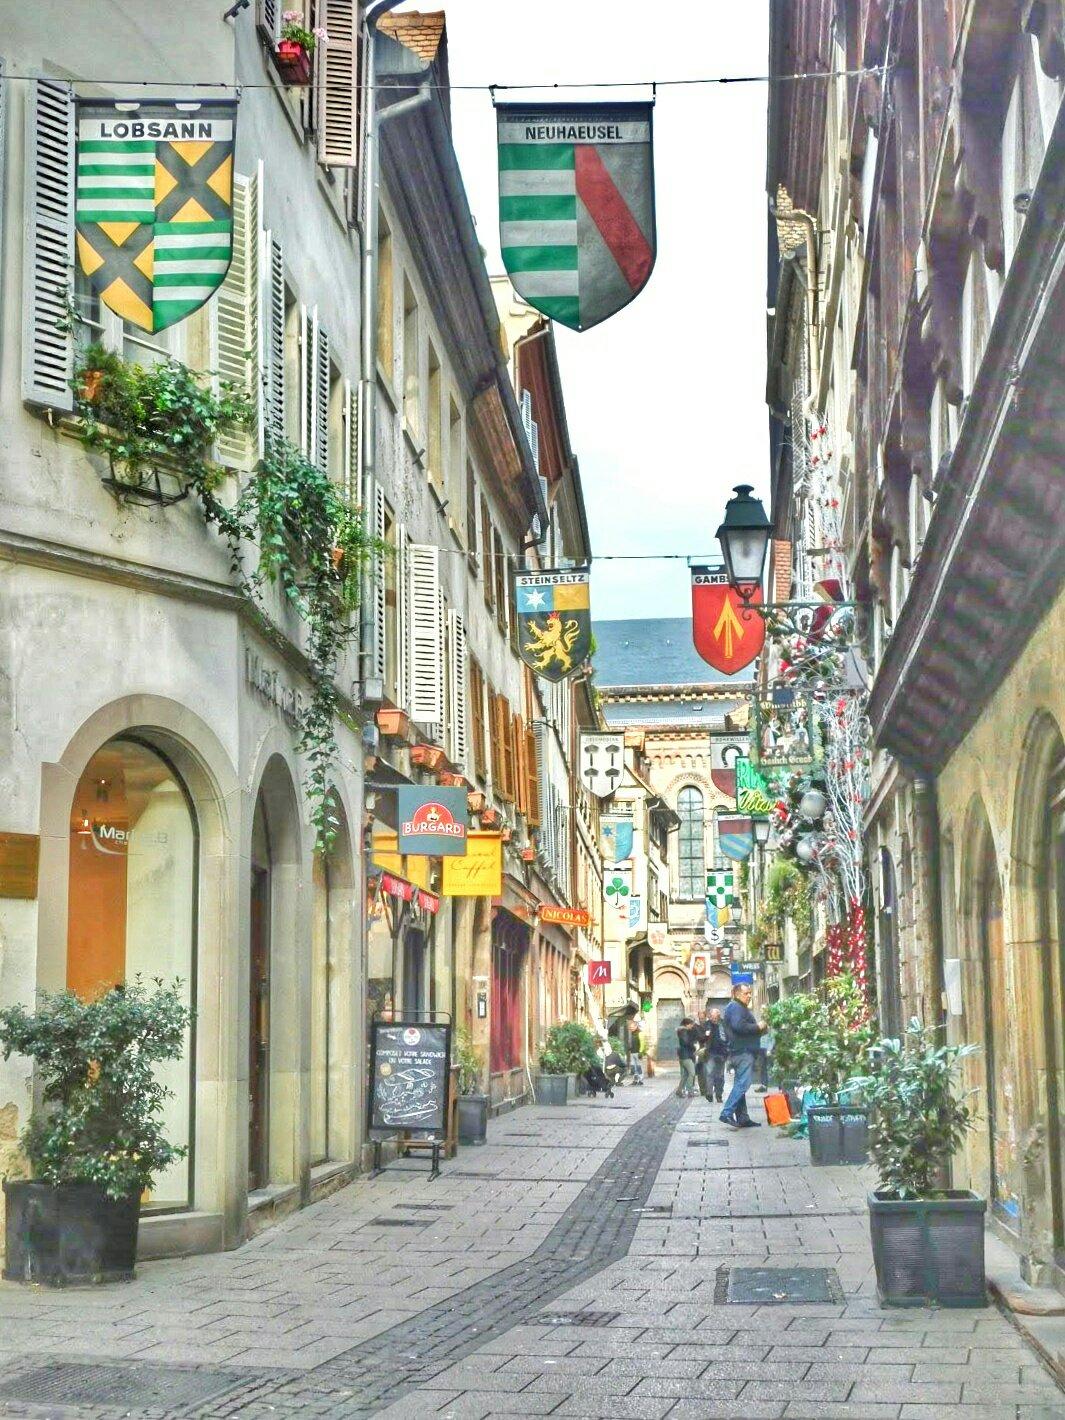 Rue des Ofevres - Strasbourg, France